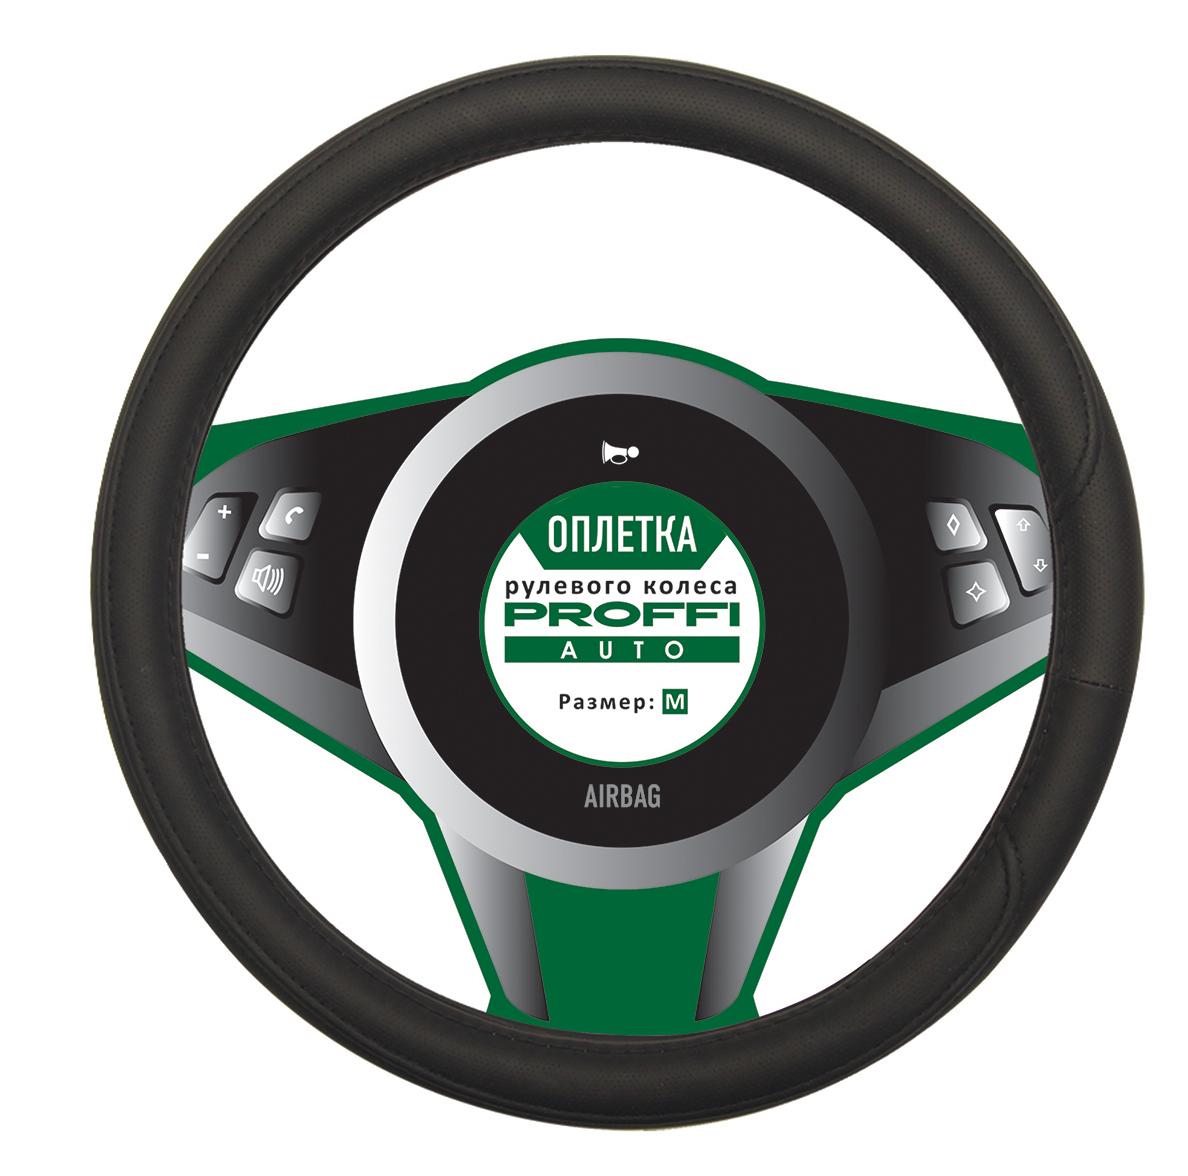 Оплетка рулевого колеса Proffi, цвет: черный, диаметр 38 см. PA0320